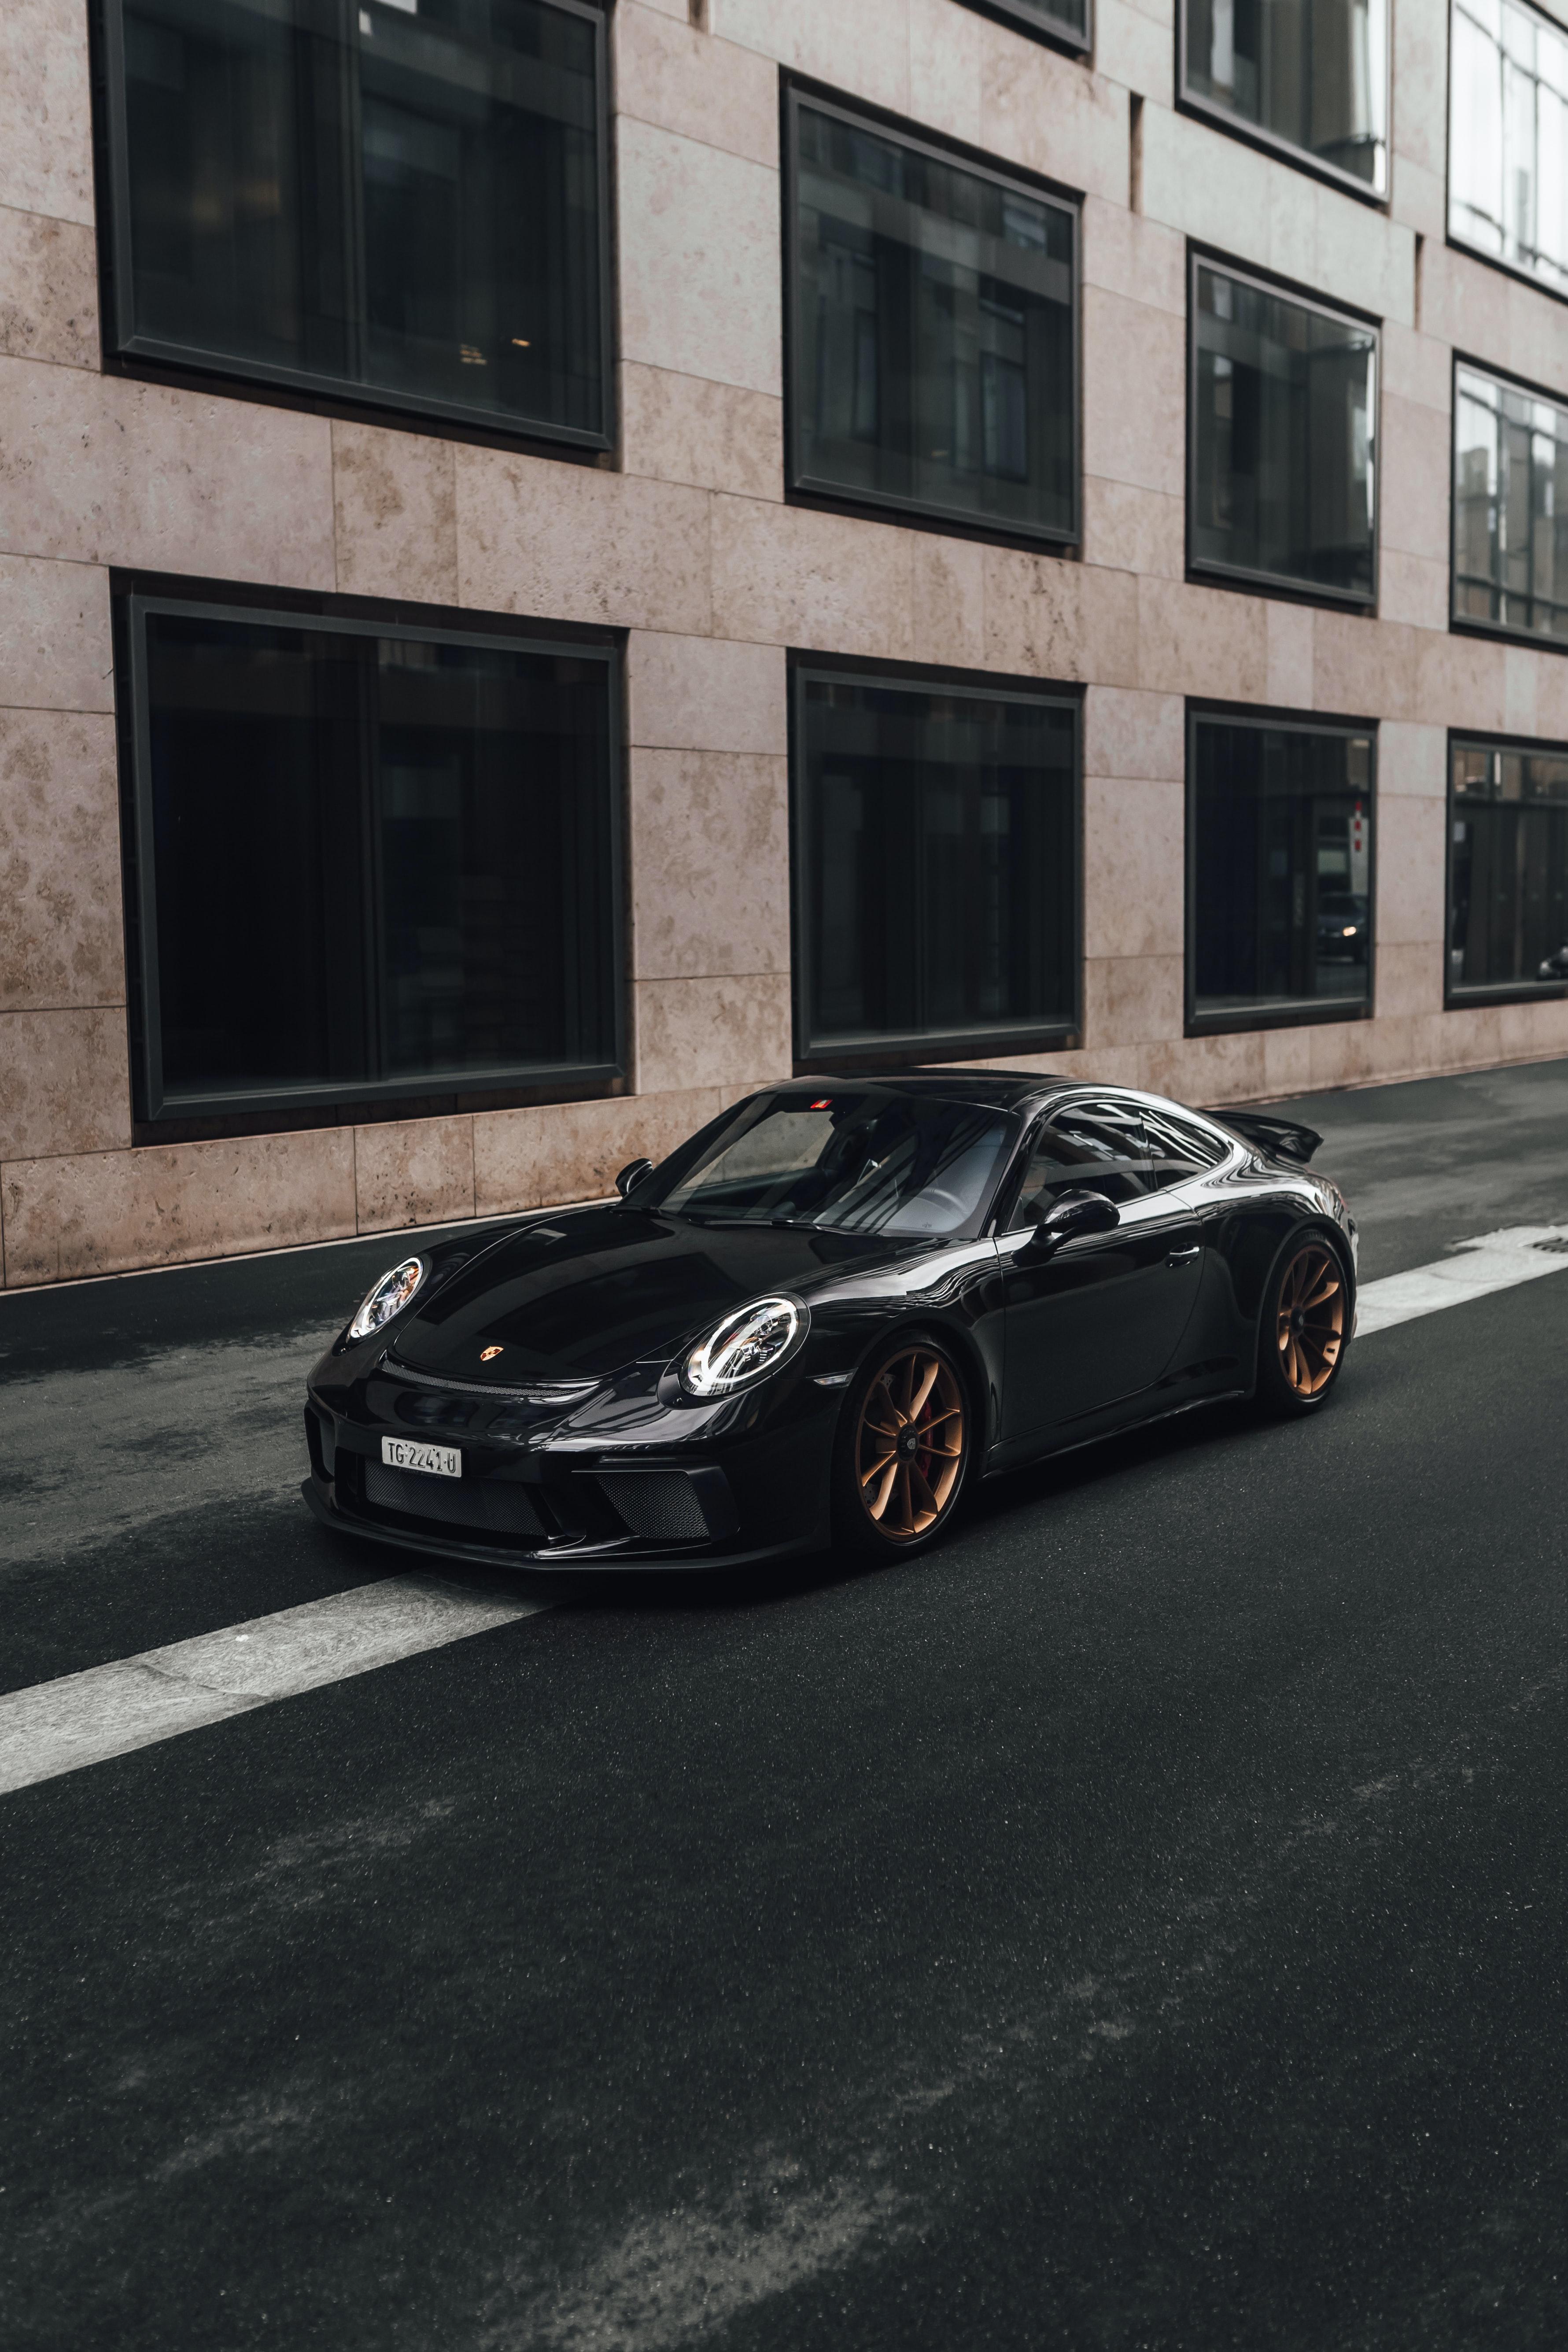 129806 Заставки и Обои Порш (Porsche) на телефон. Скачать Porsche 911, Порш (Porsche), Черный, Тачки (Cars), Автомобиль, Спорткар картинки бесплатно